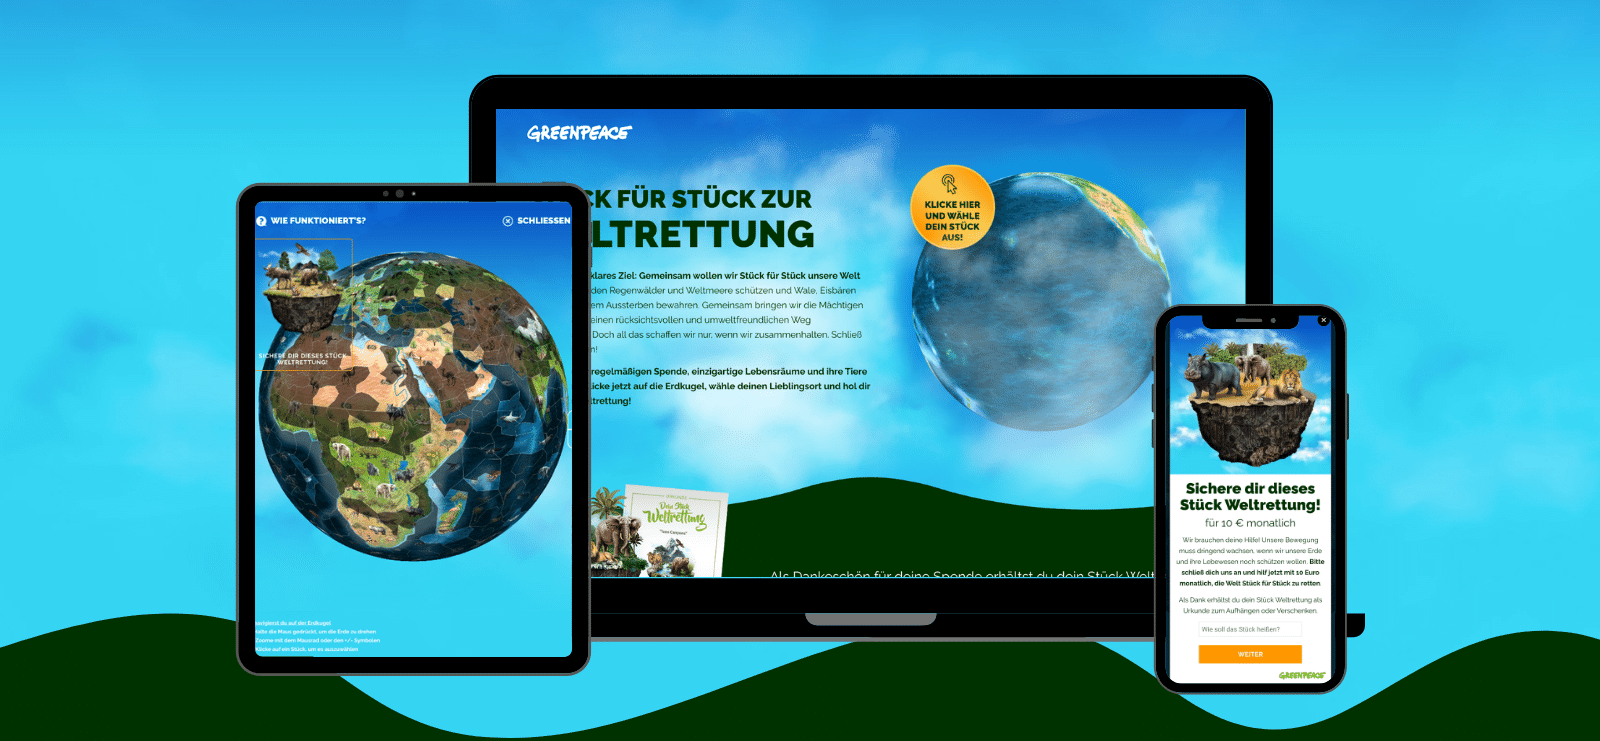 A Doppio Creative online marketing ügynökség által készített digitális illusztrációk a Greenpeace Austria Weltrettung kampányához